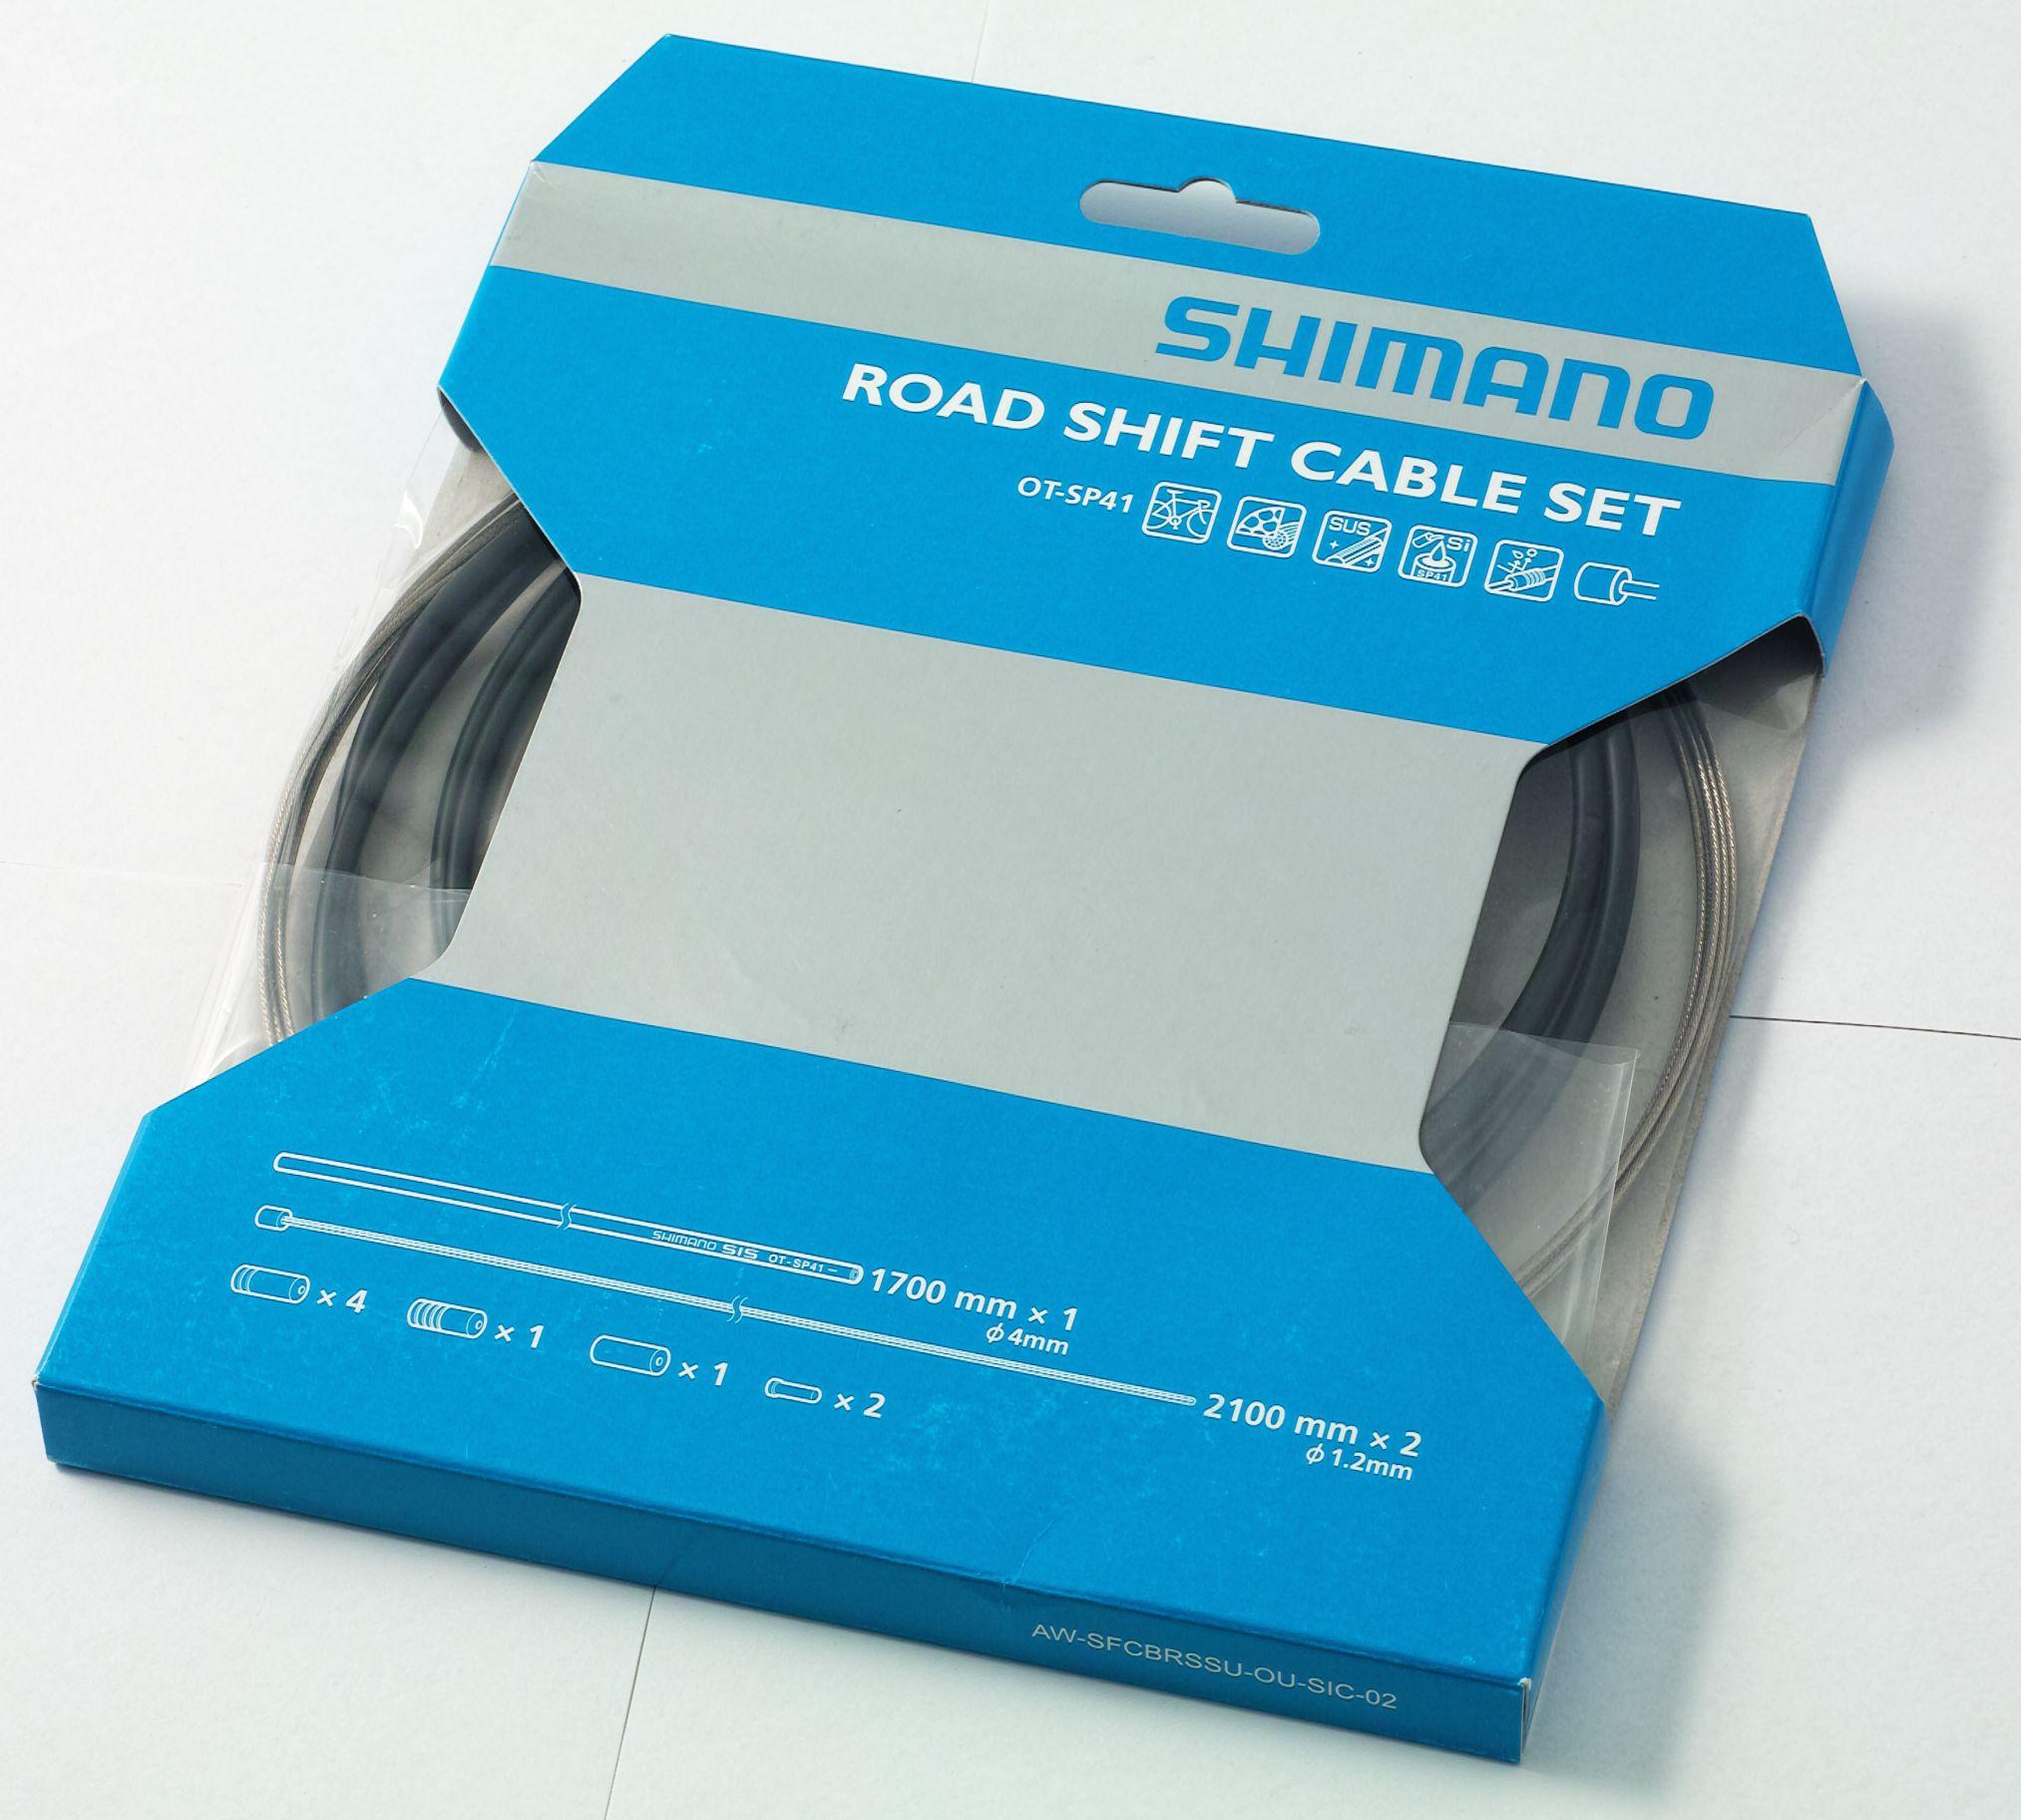 Jeu de câbles Shimano OT-SP41 pour dérailleurs de vélo de route.